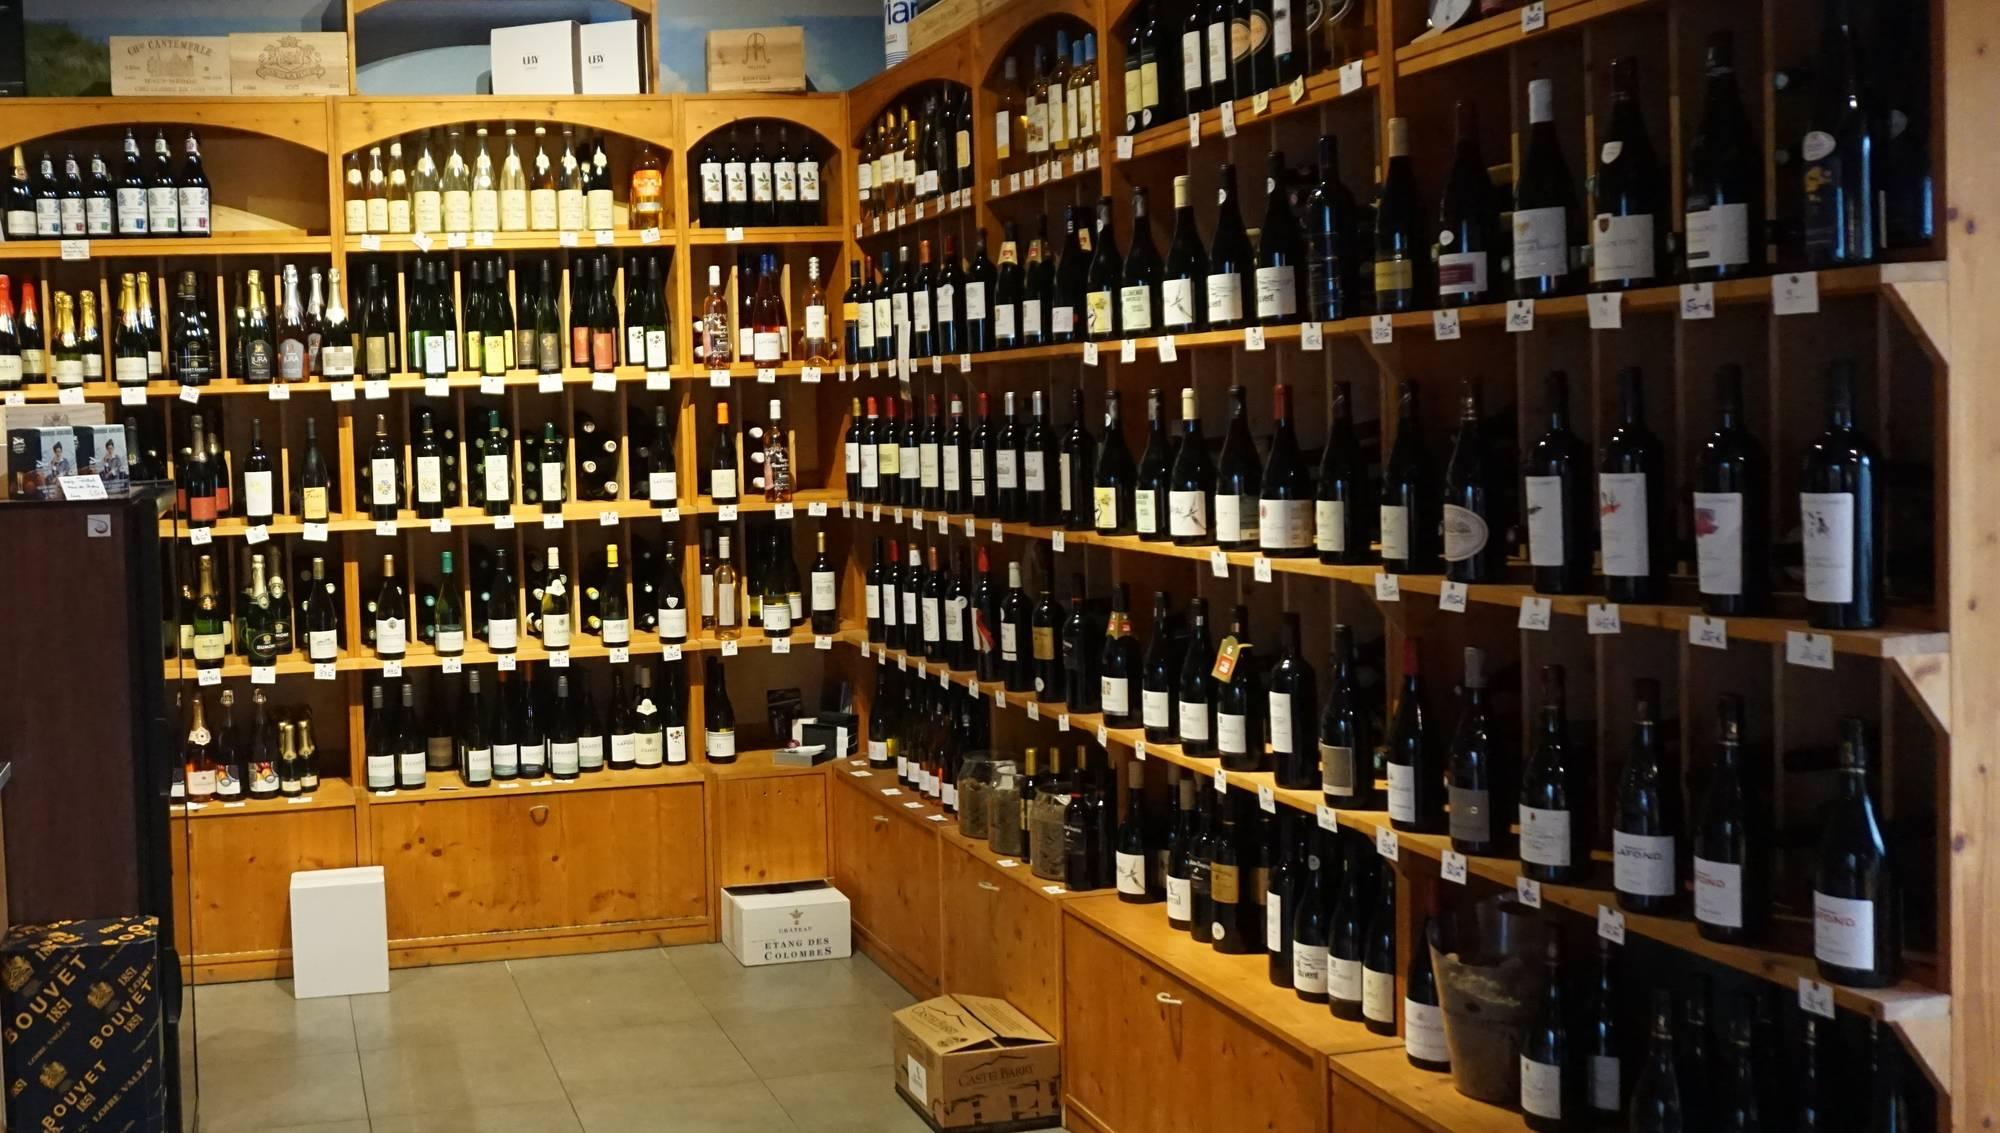 Im Savoir Vivre ist hin und wieder der Wein von Frédéric Fourré in den Regalen vertreten. Der Winzer gibt hier auch gelegentlich Weinverkostungen. Foto: Elisabeth Renneberg